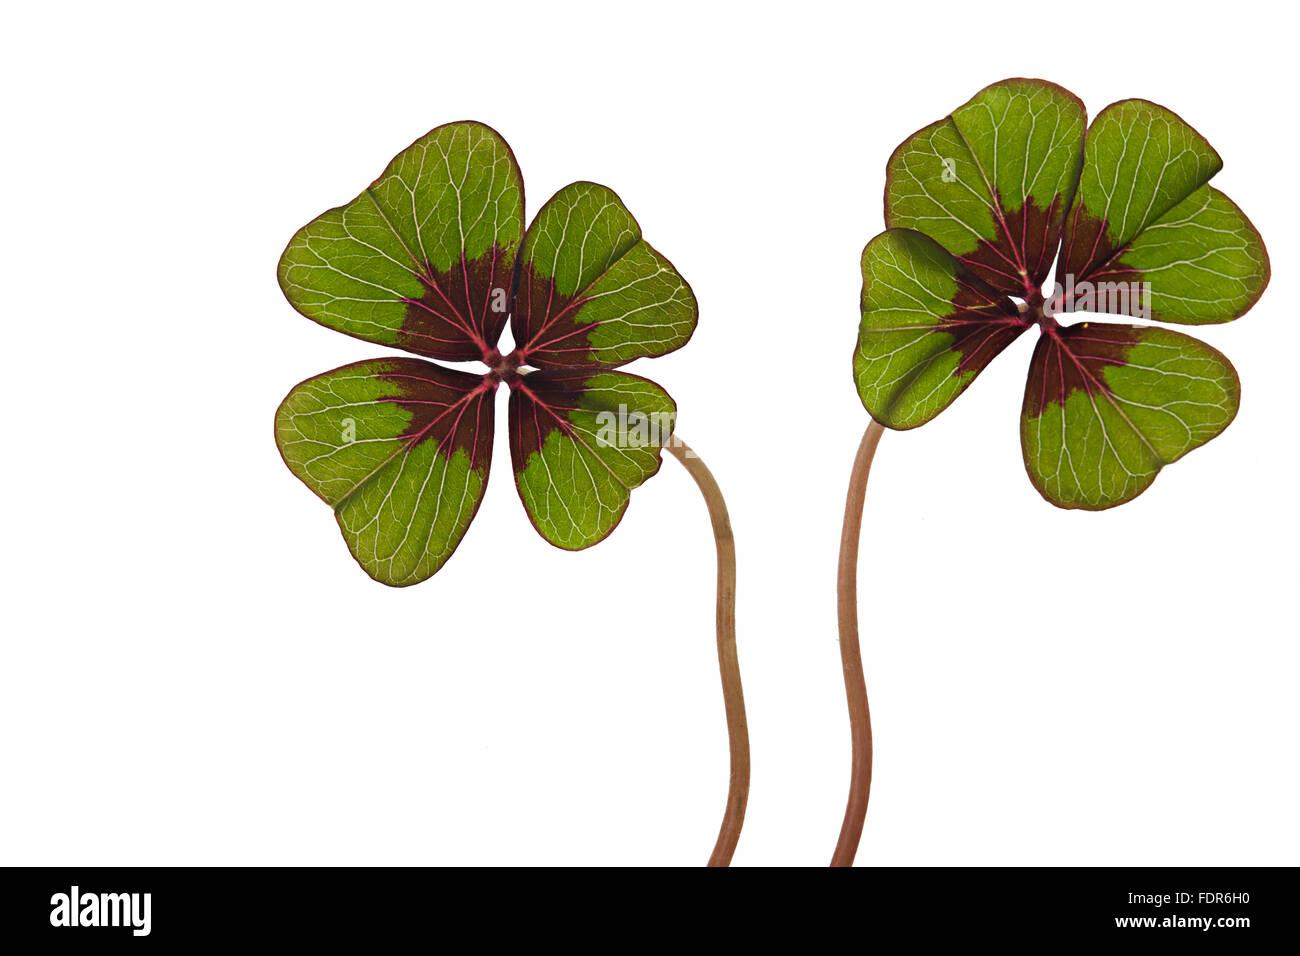 clover,four -,four leafed clover,cloverleaf,lucky charms - Stock Image